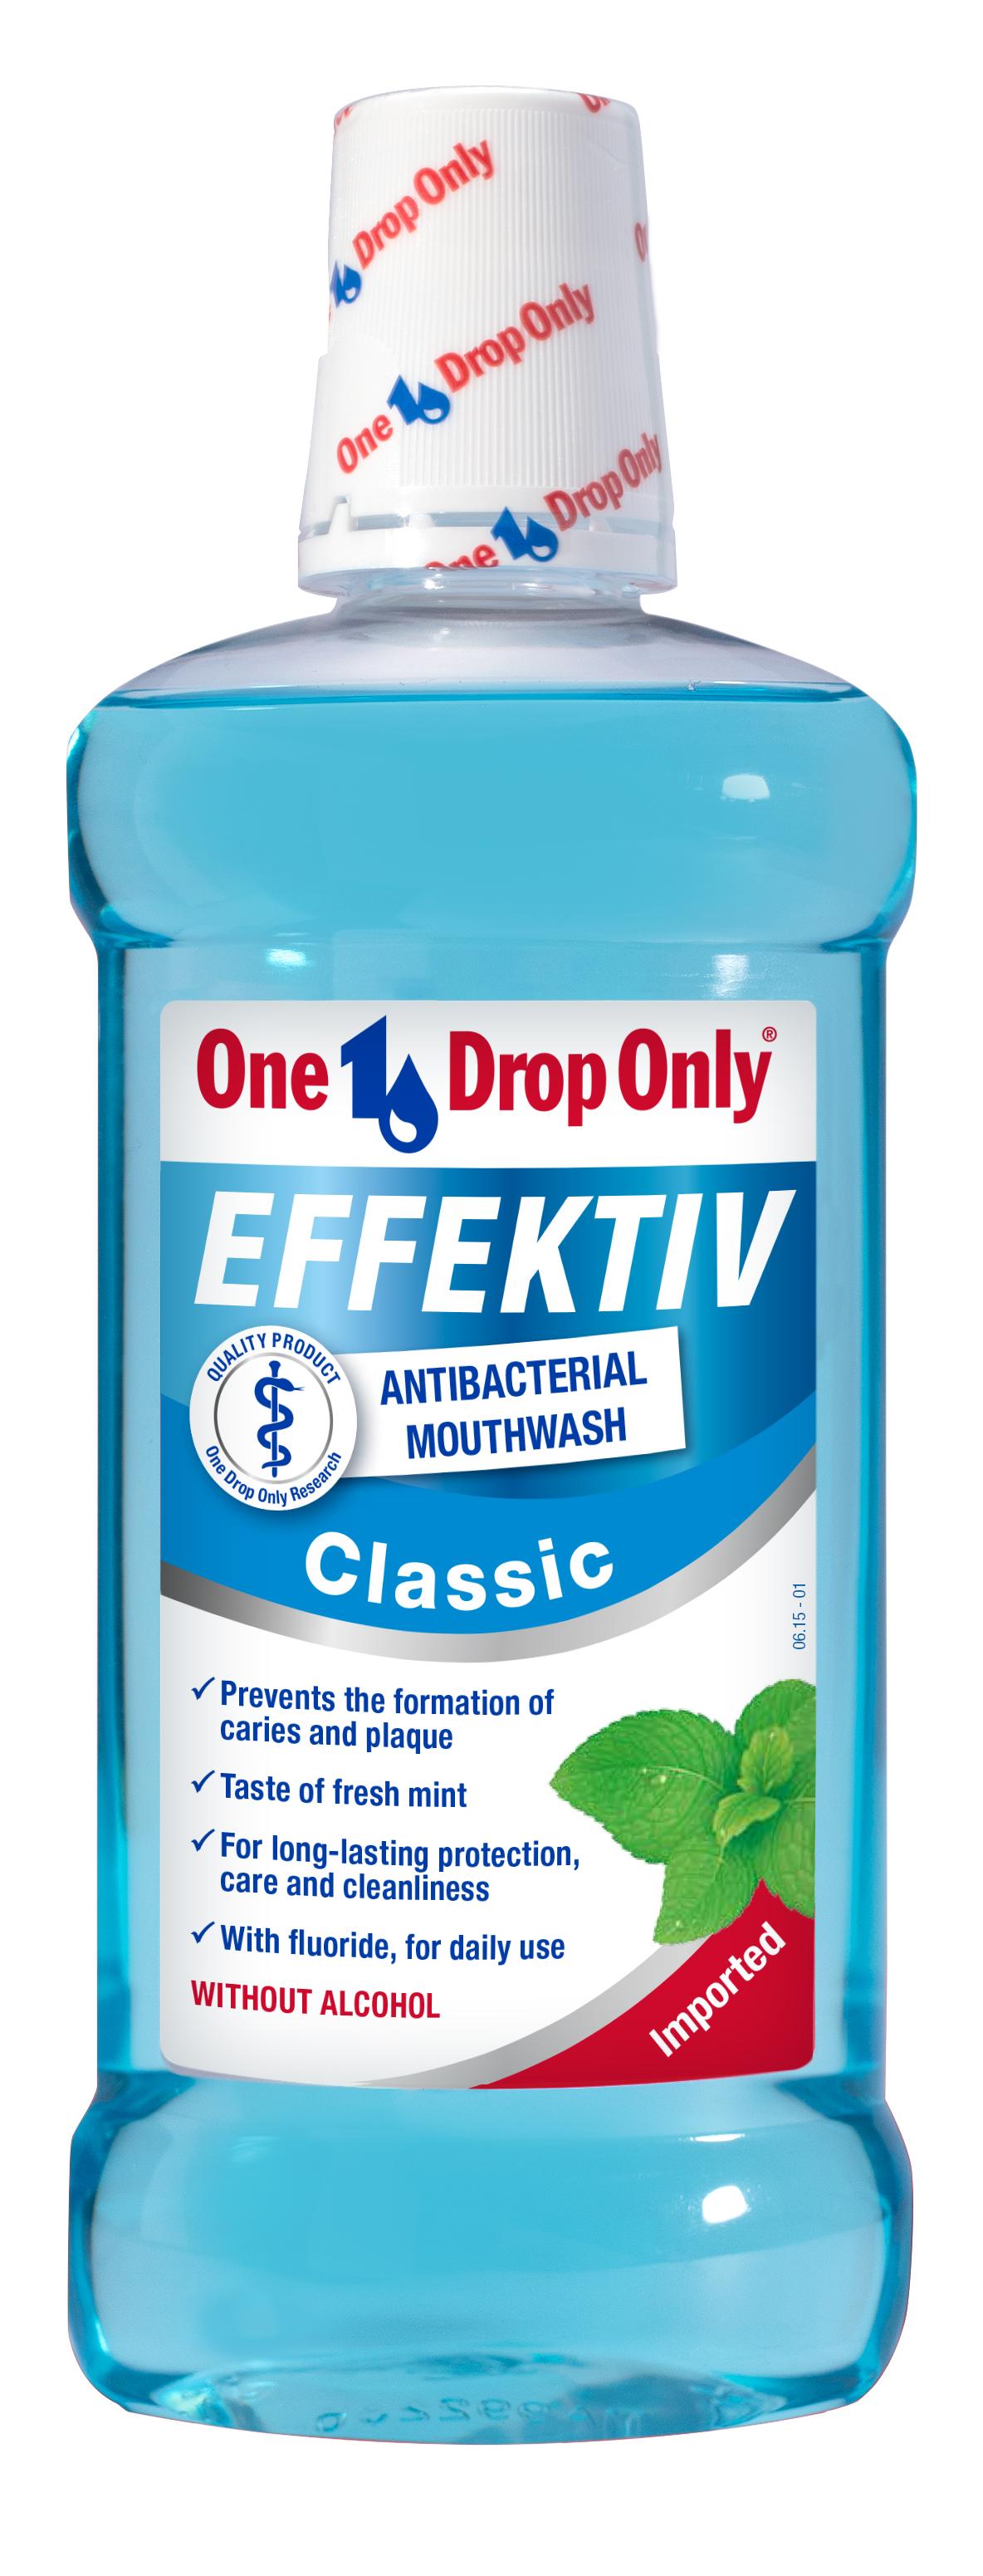 One Drop Only Effektiv Classic Антибактериальный ополаскиватель полости рта, 500 млJ01555Классический антибактериальный ополаскиватель полости рта